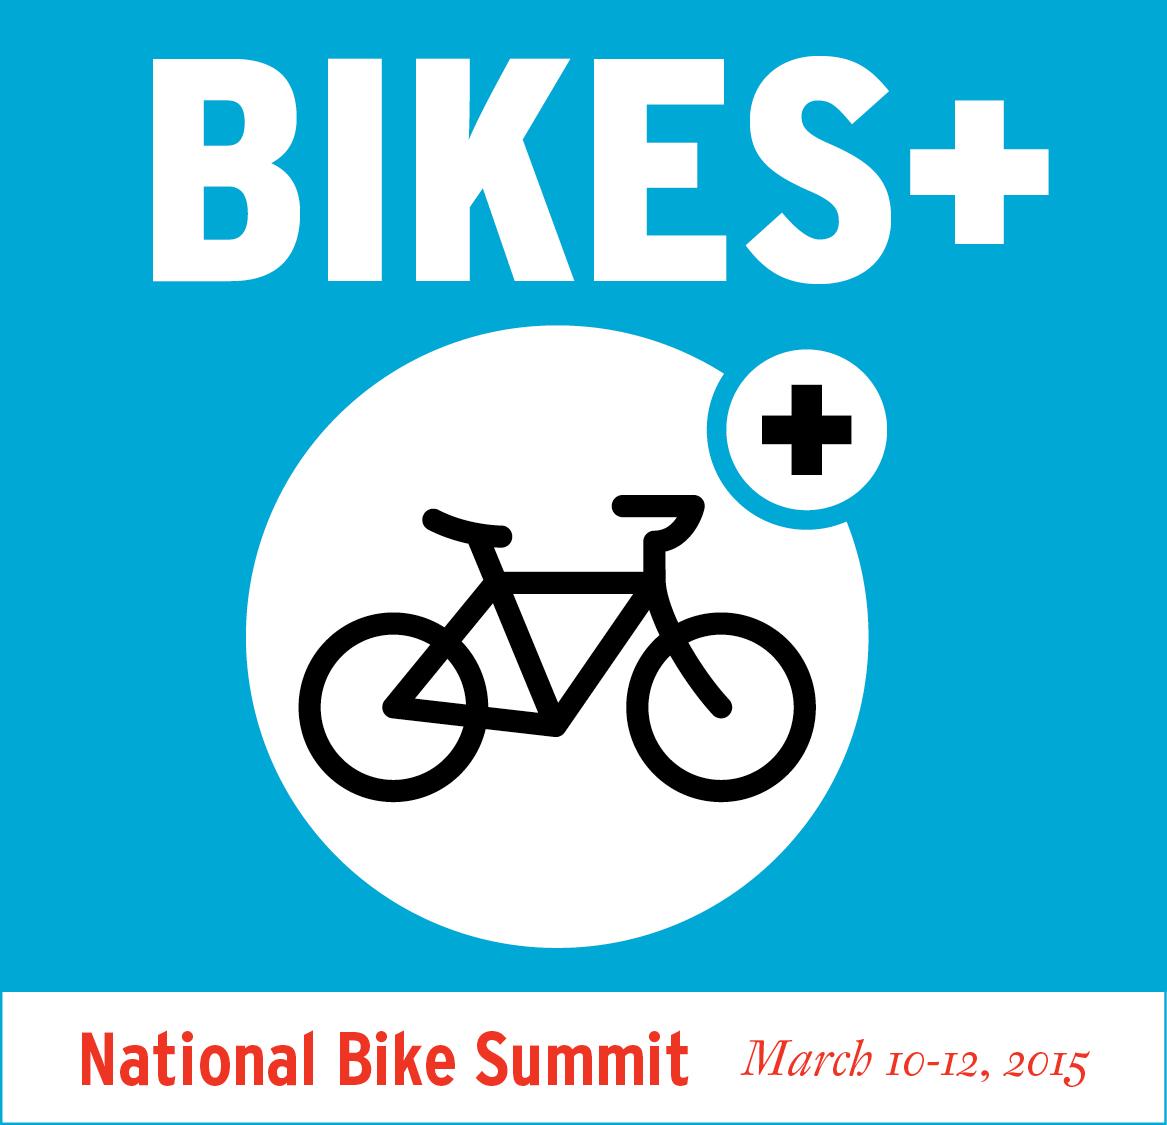 Bikes+